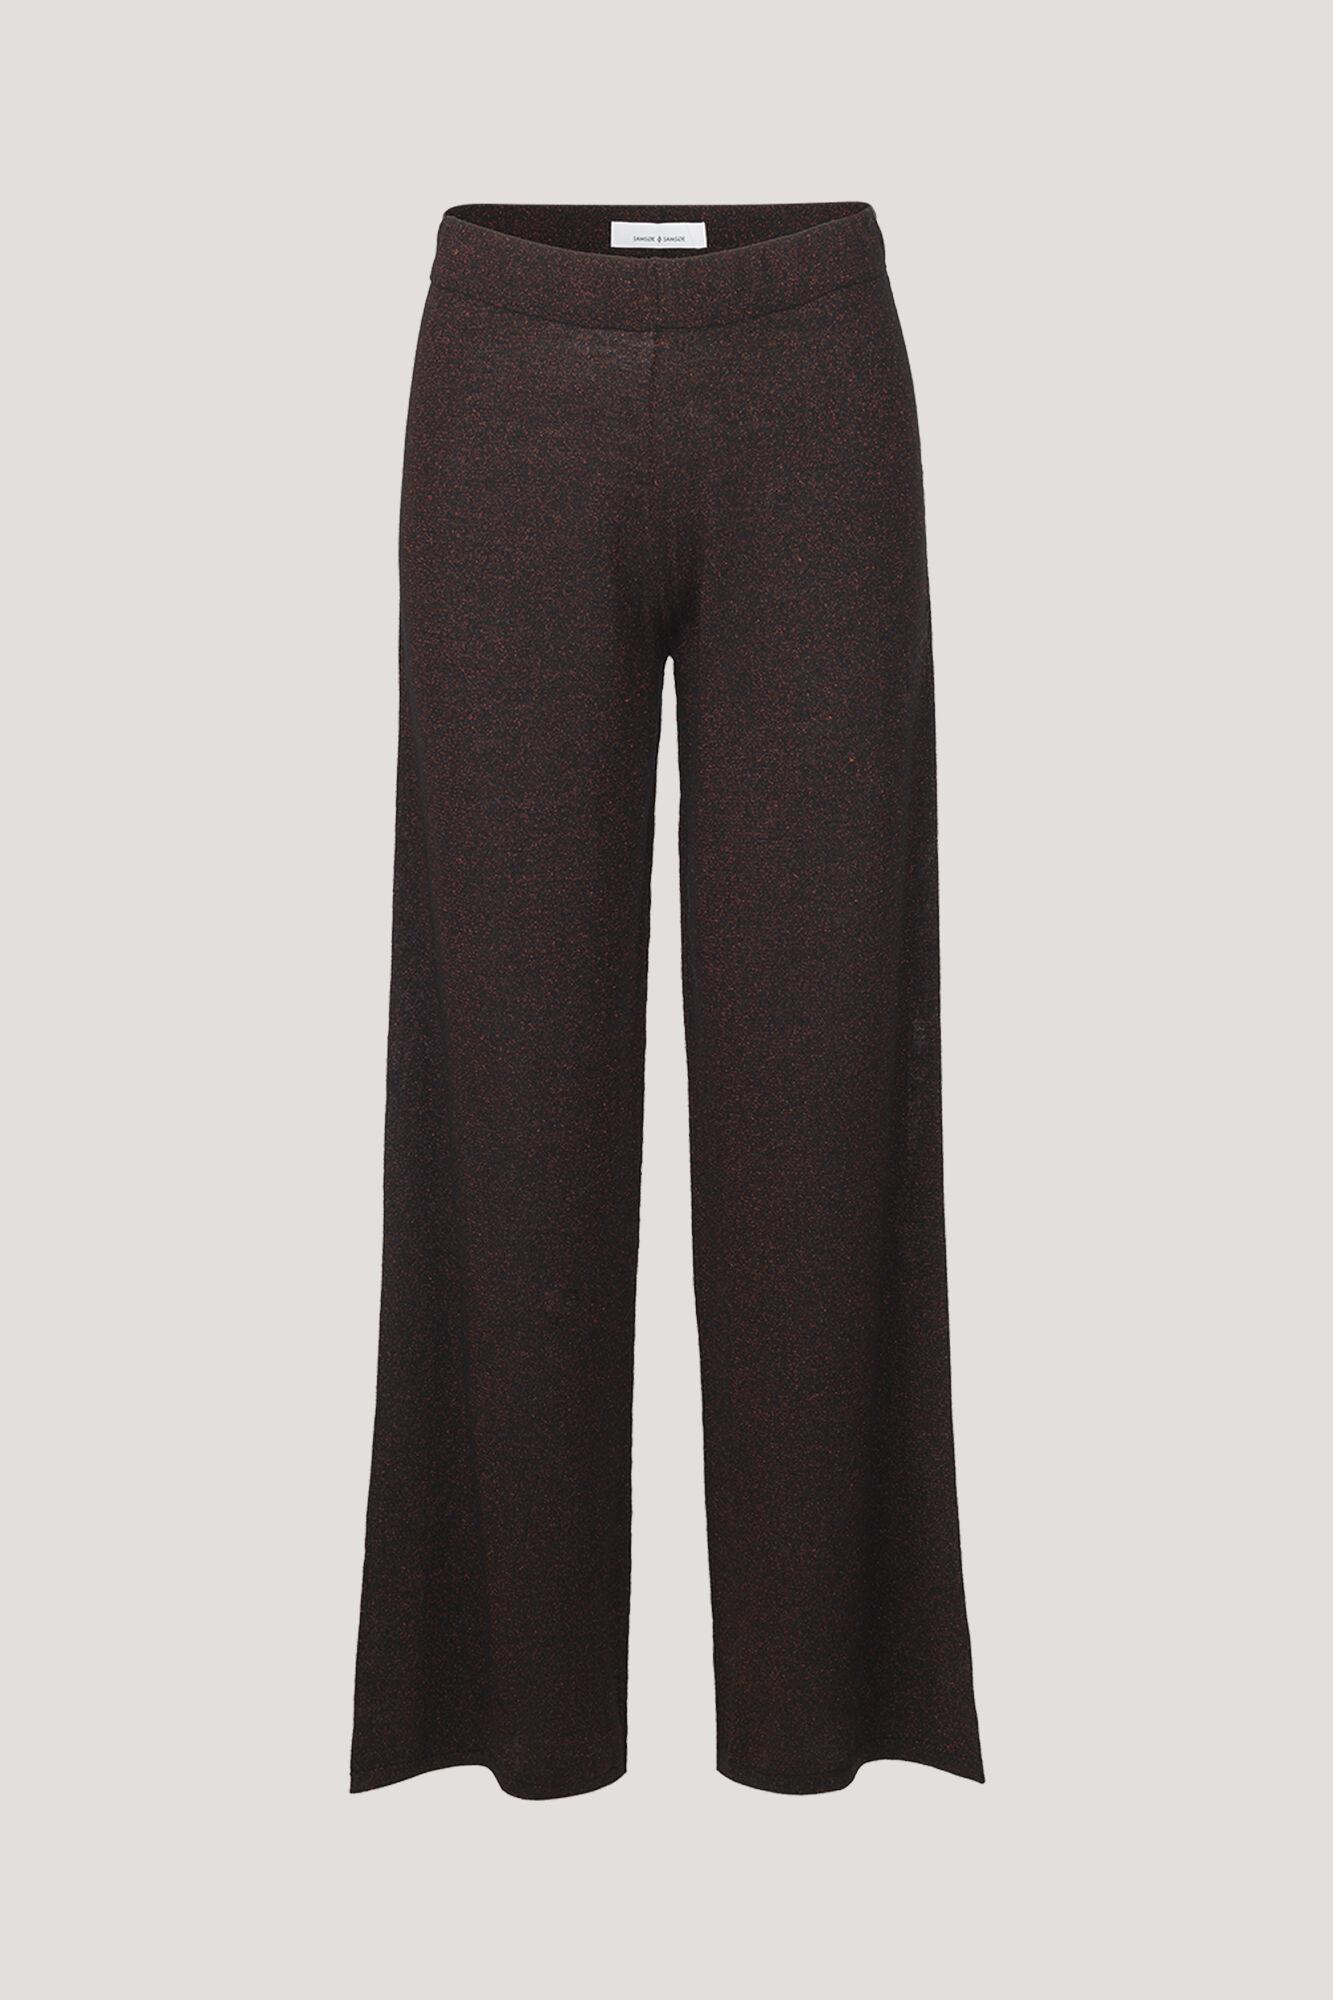 Maddie pants 9554